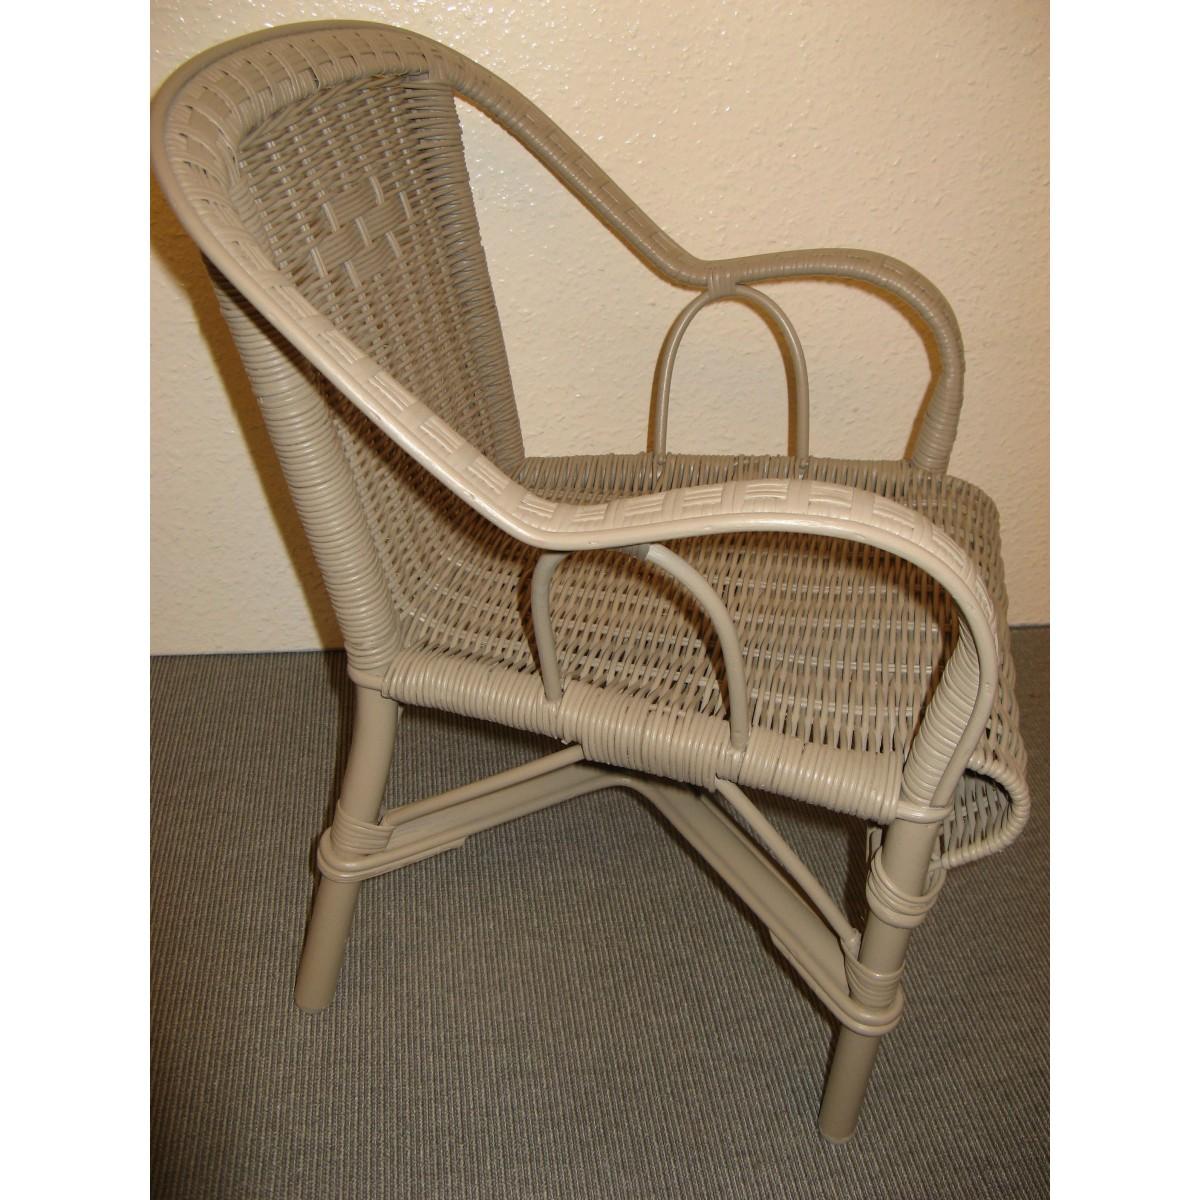 fauteuil d 39 enfant en rotin mod le grand p re coloris cendre. Black Bedroom Furniture Sets. Home Design Ideas